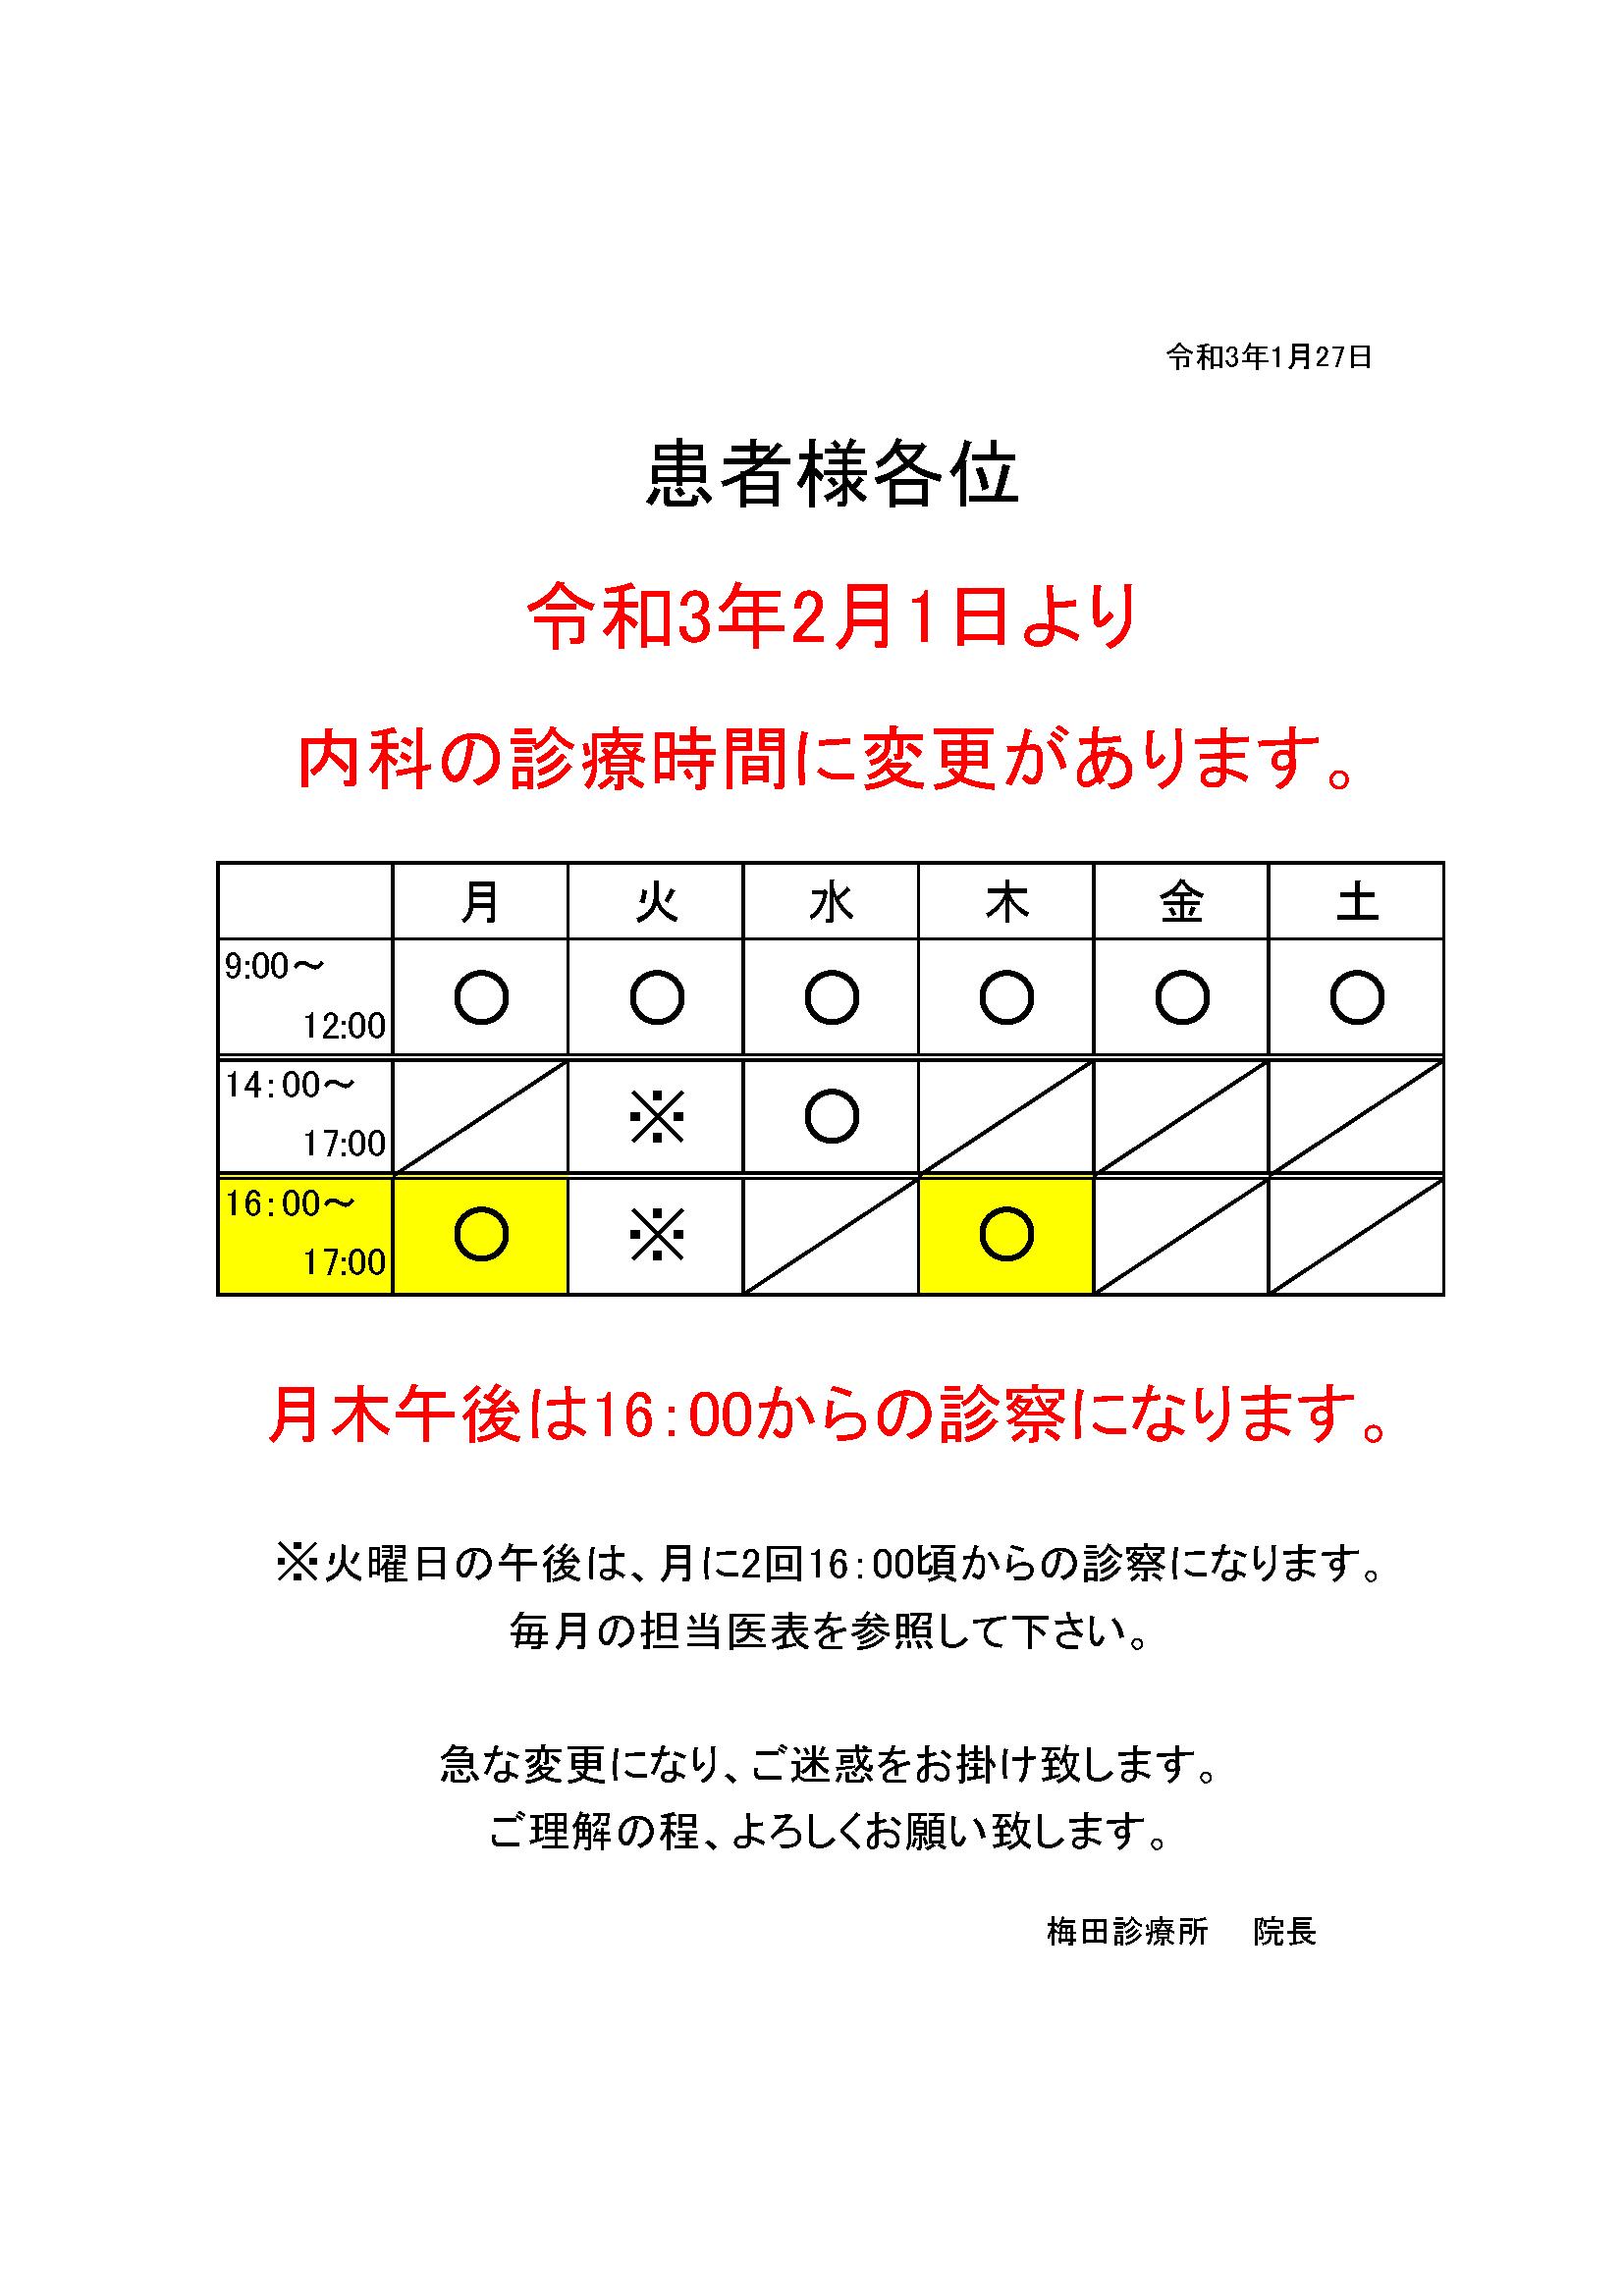 【梅田診療所】内科の診療時間変更のお知らせ